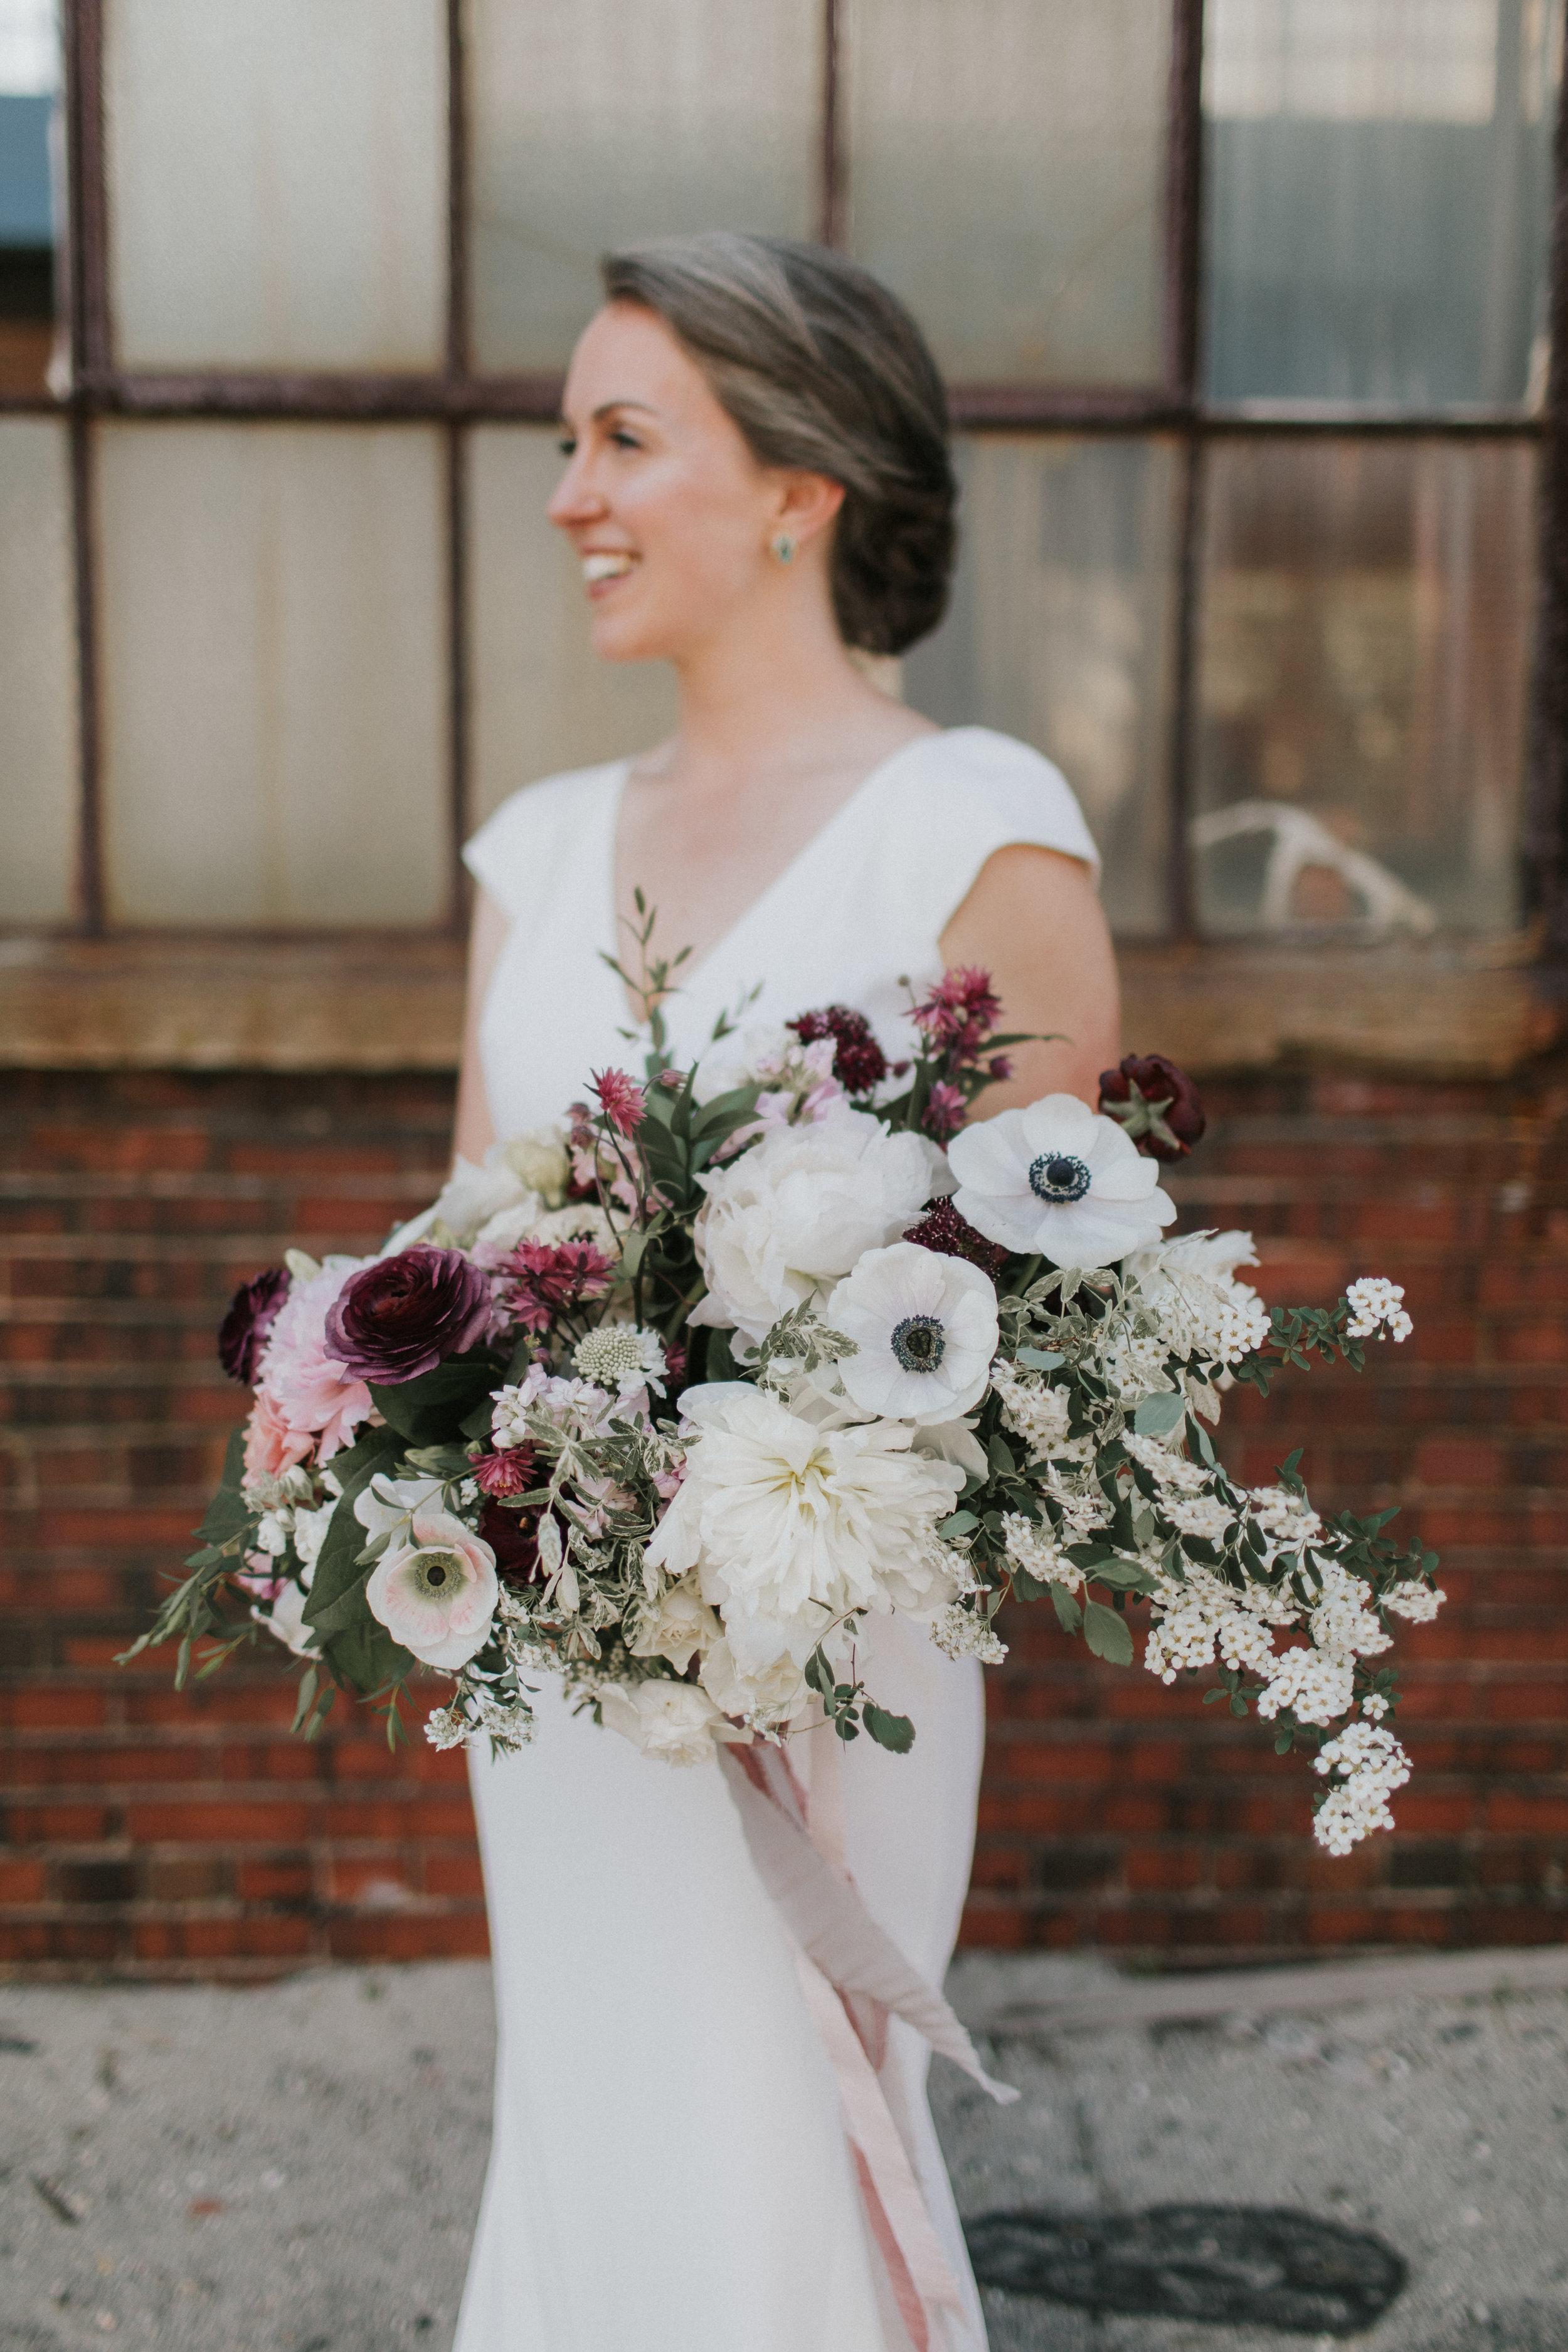 Watershed_Floral_Maine_Wedding_Florist_149.jpg